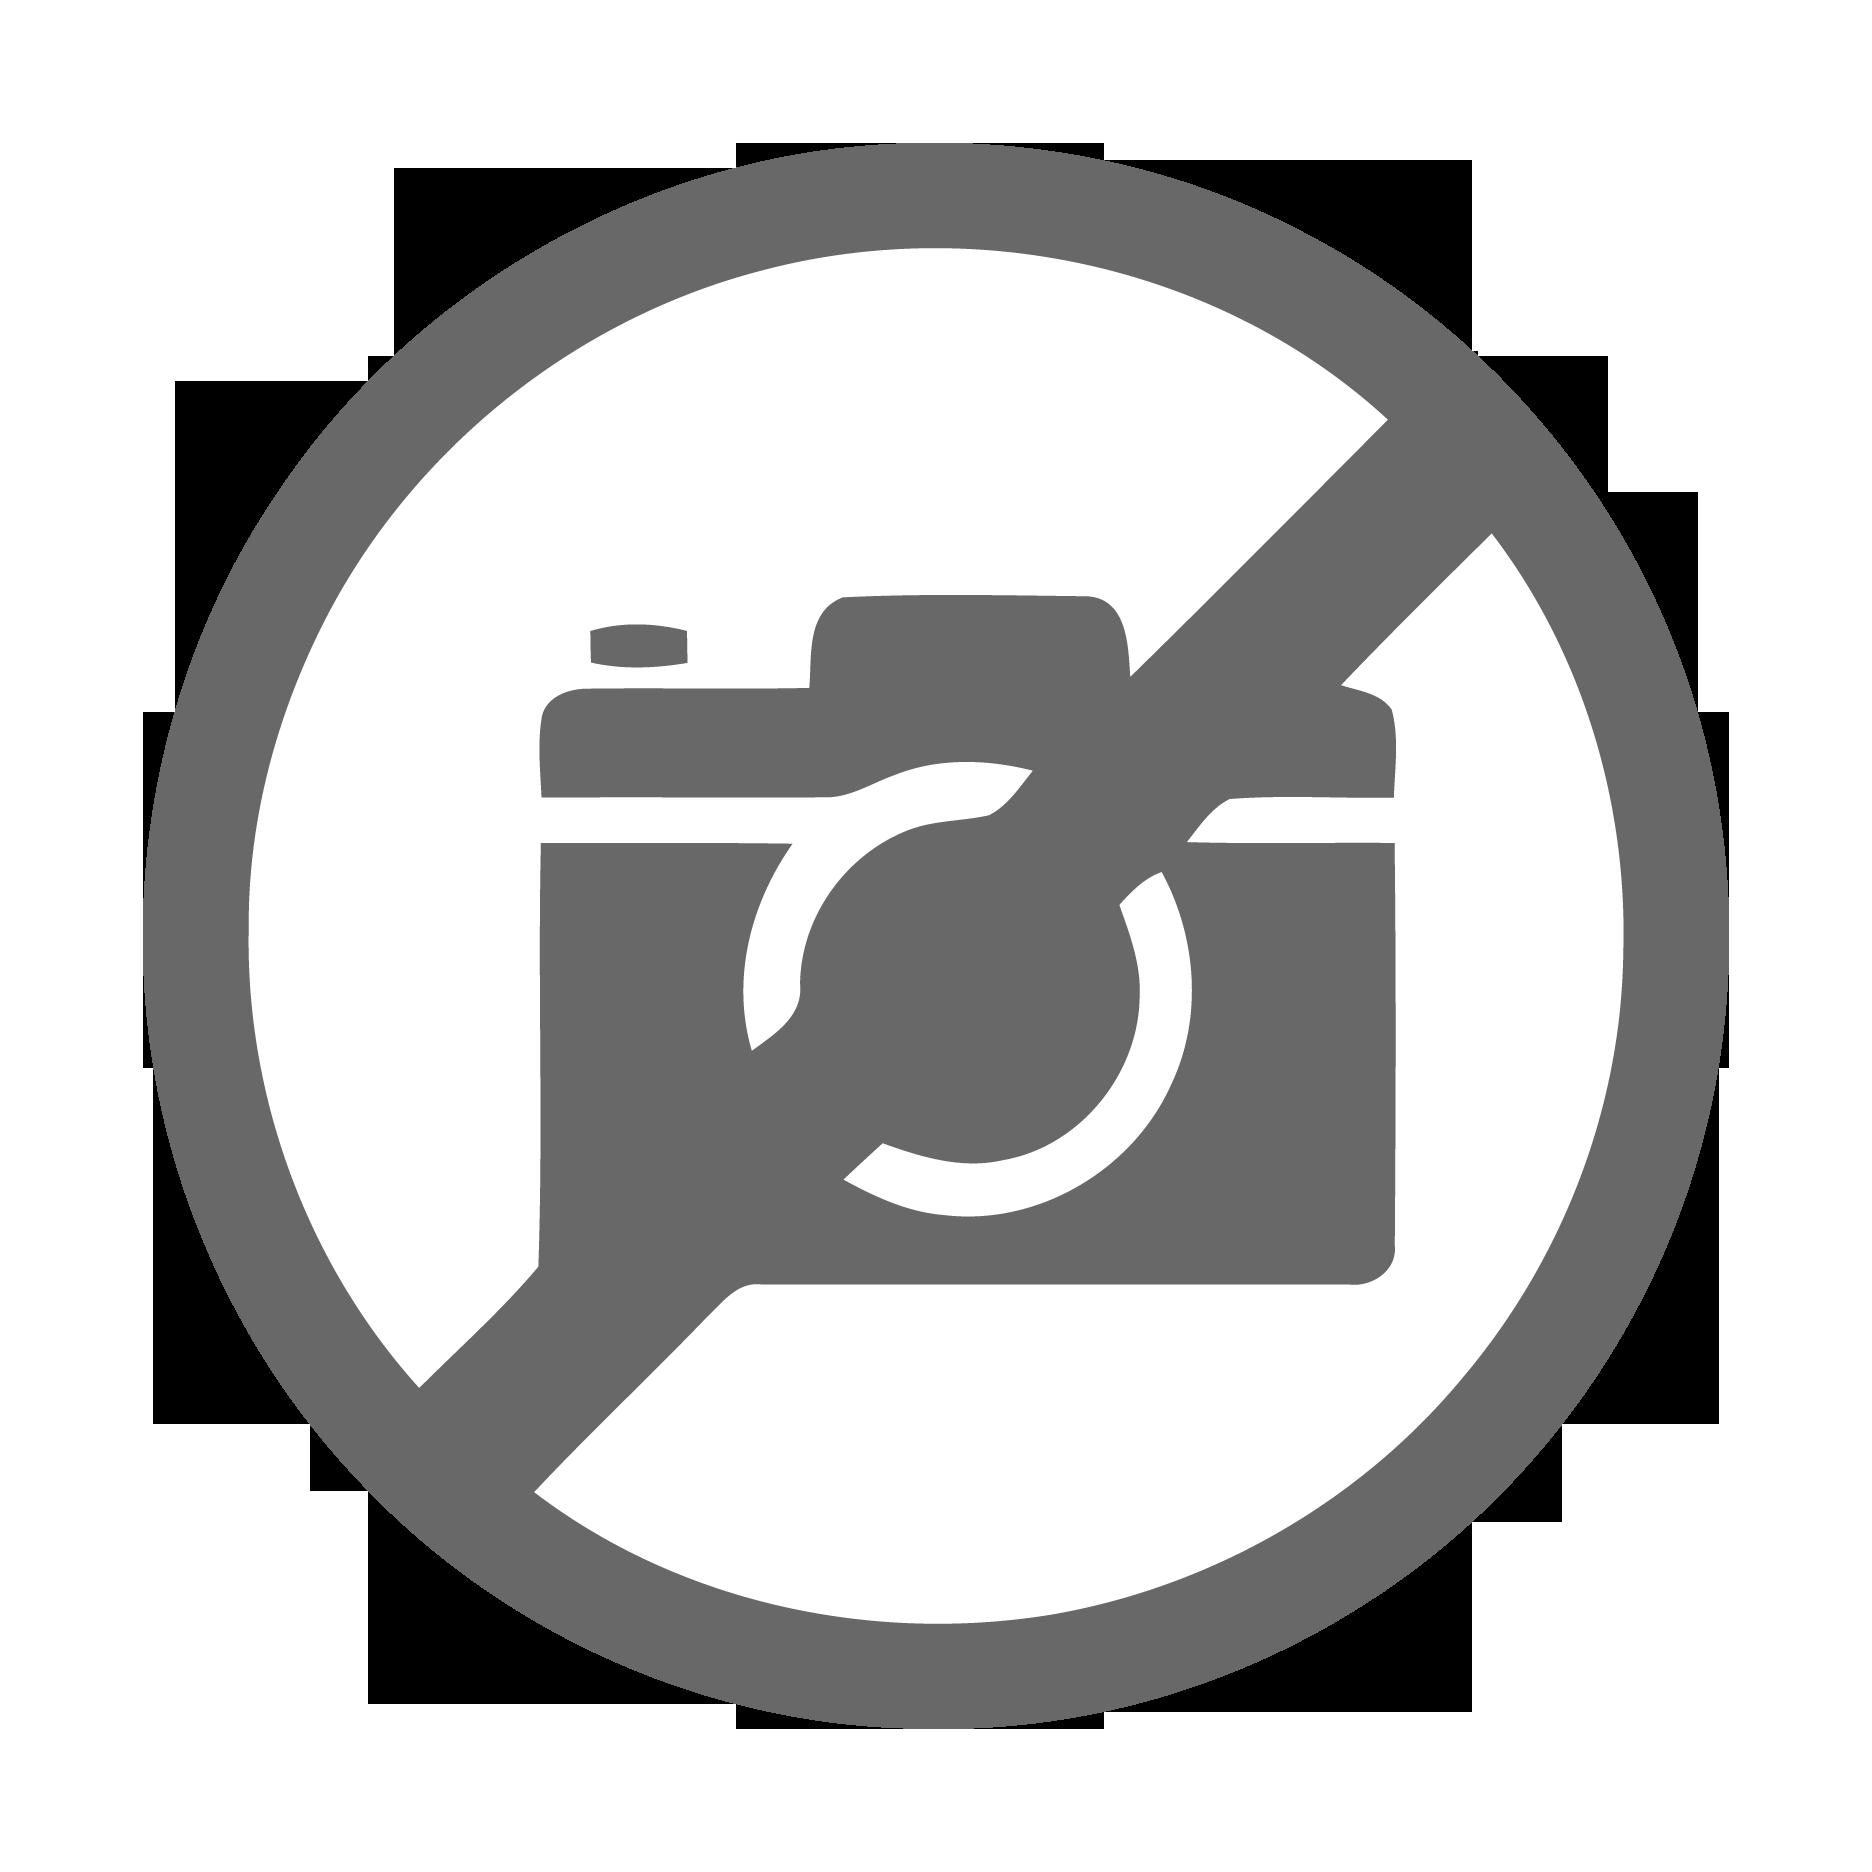 Плажна туника в цвят Tiffany, оранжево или жълто